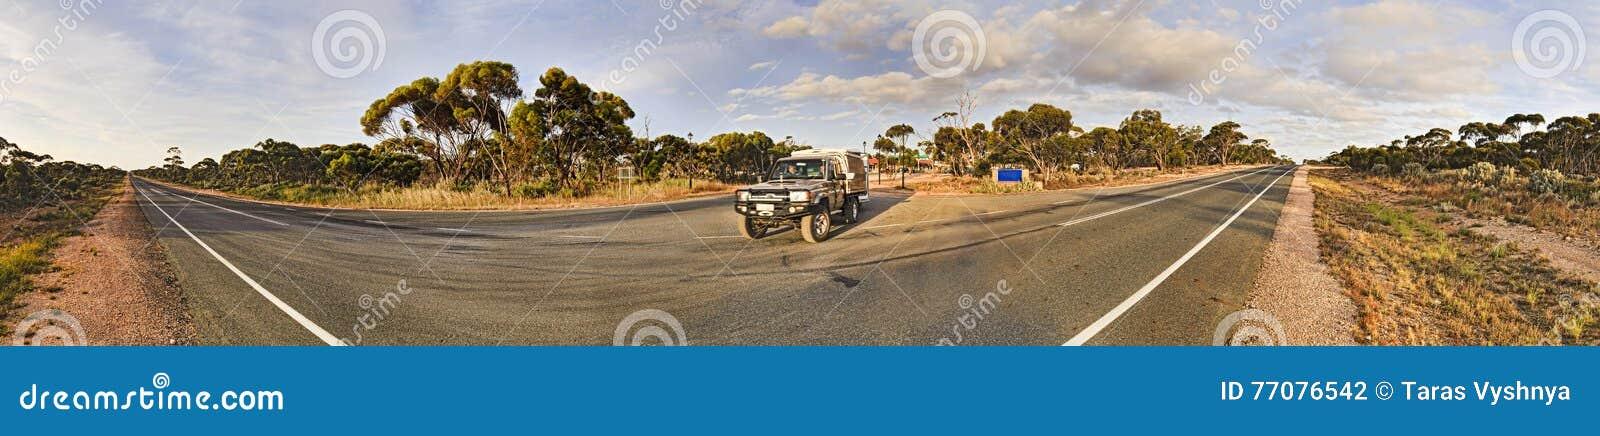 Ck2 end date in Perth